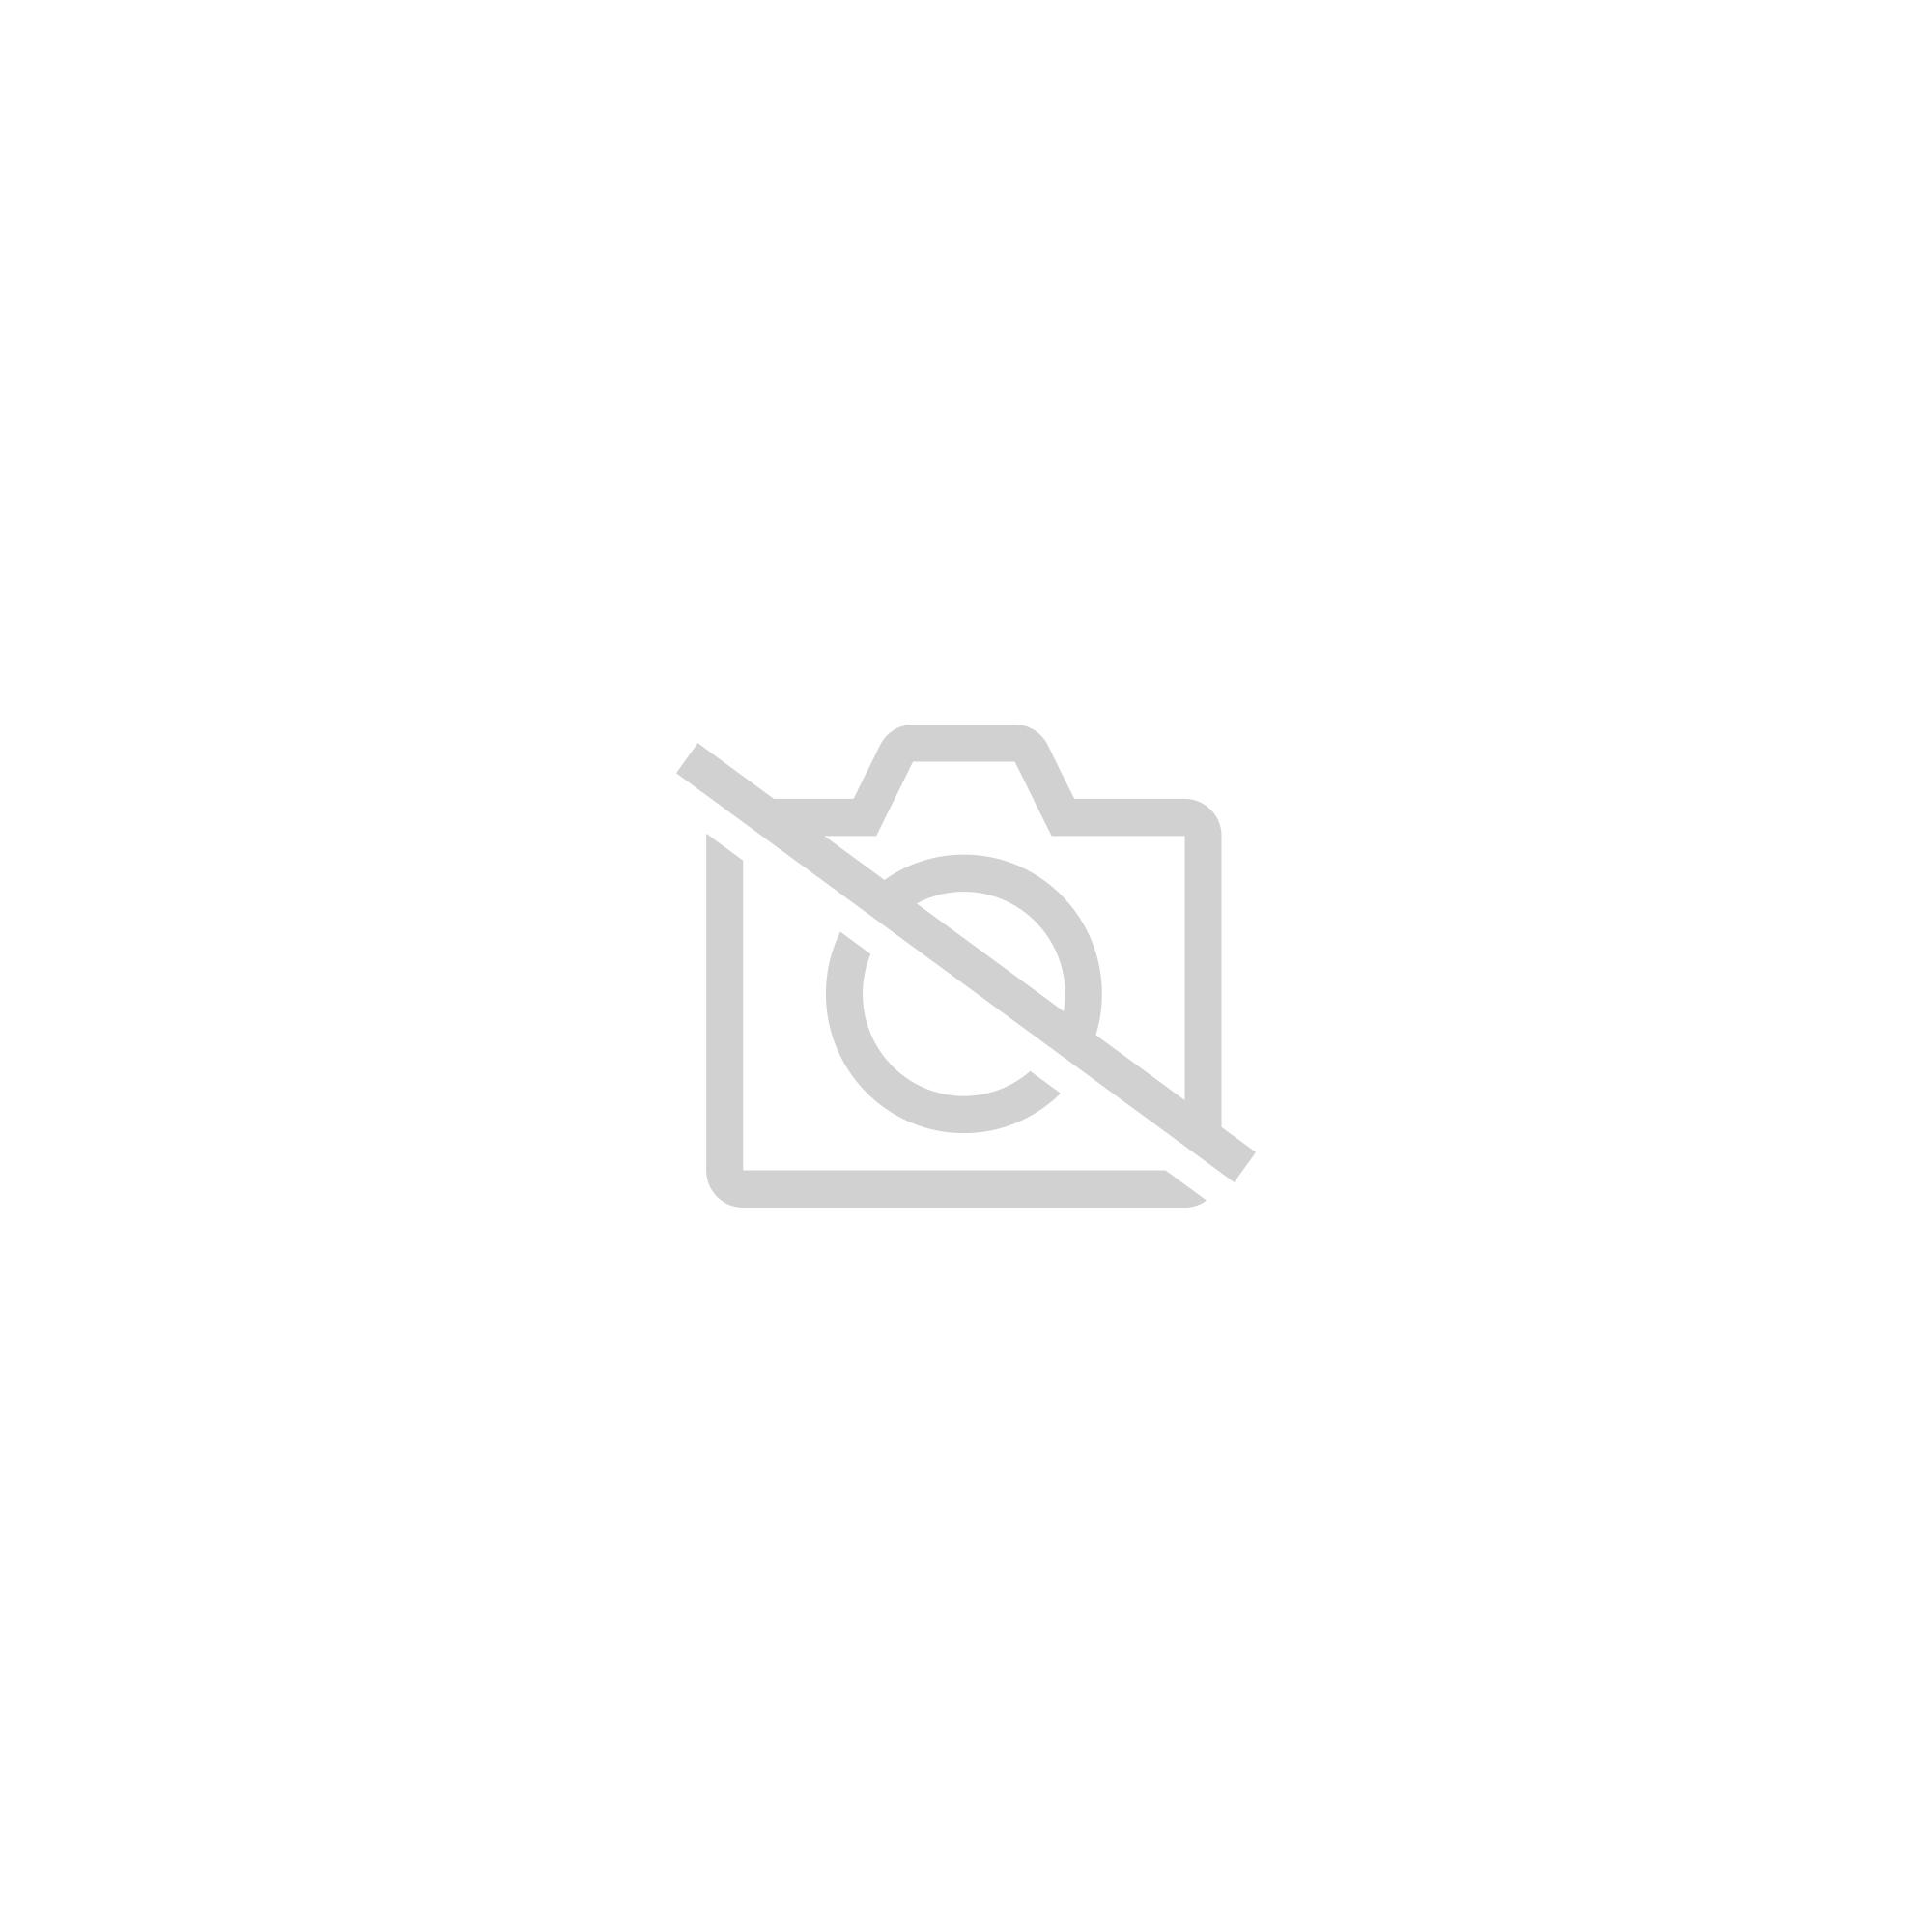 Orange F Fityle Kit de 9pcs Dalles Puzzle en Mousse Eva Tapis de Sol Souple Interlocking Tiles pour Enfant B/éb/é Kids Nursery